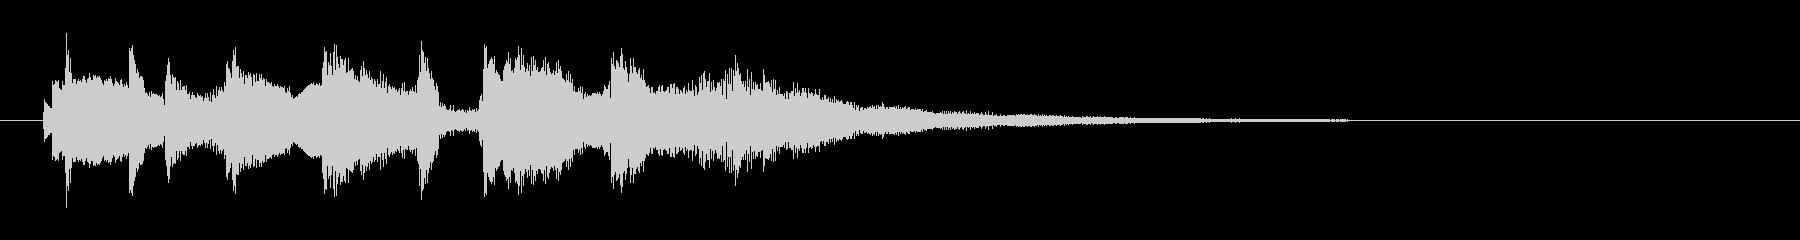 エレピのおしゃれで上品なジングル・ロゴの未再生の波形